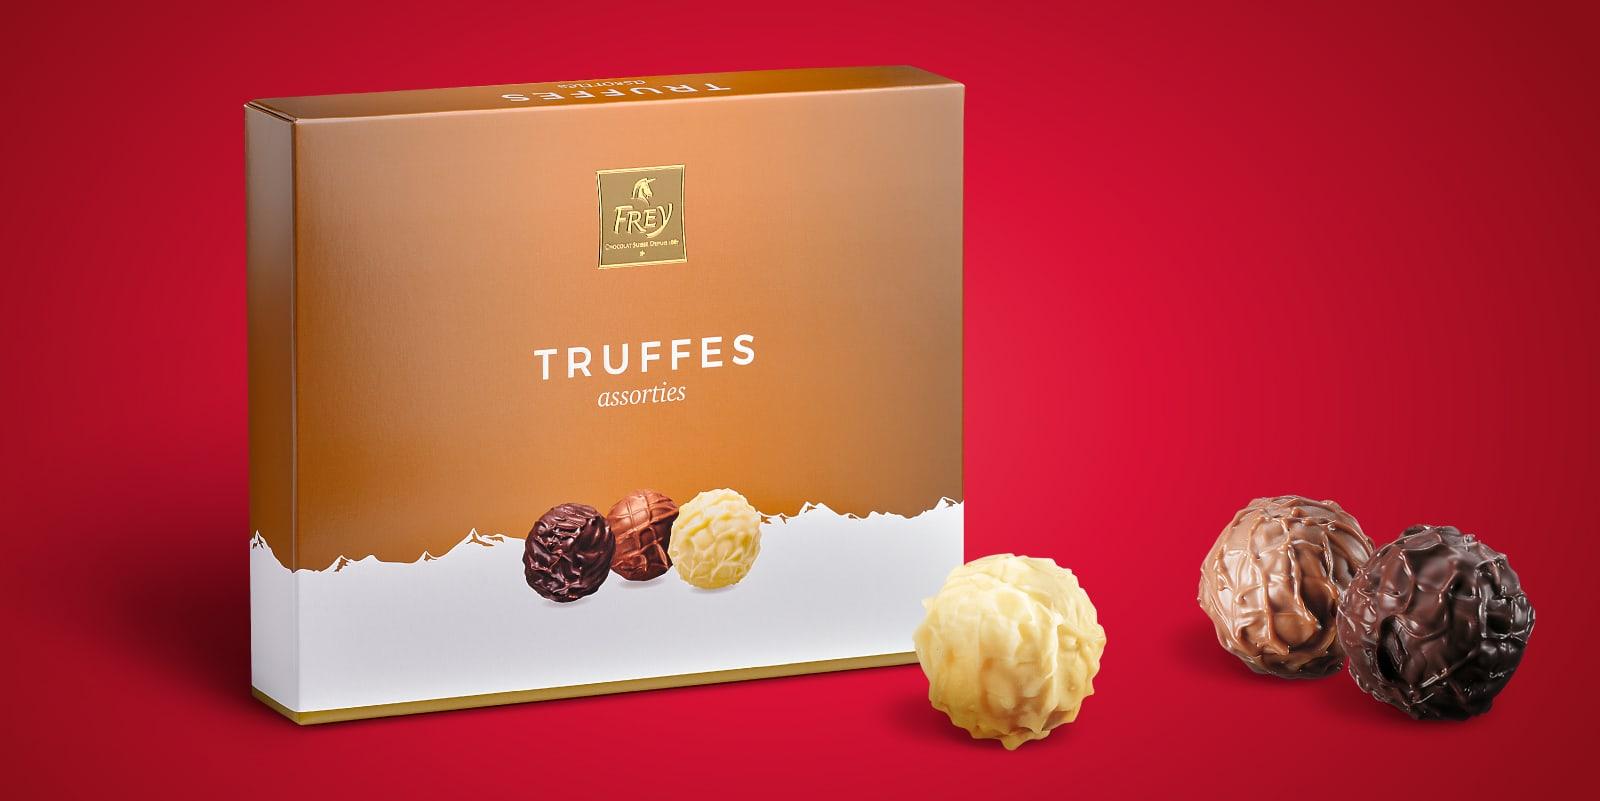 Les délicieuses truffes Frey